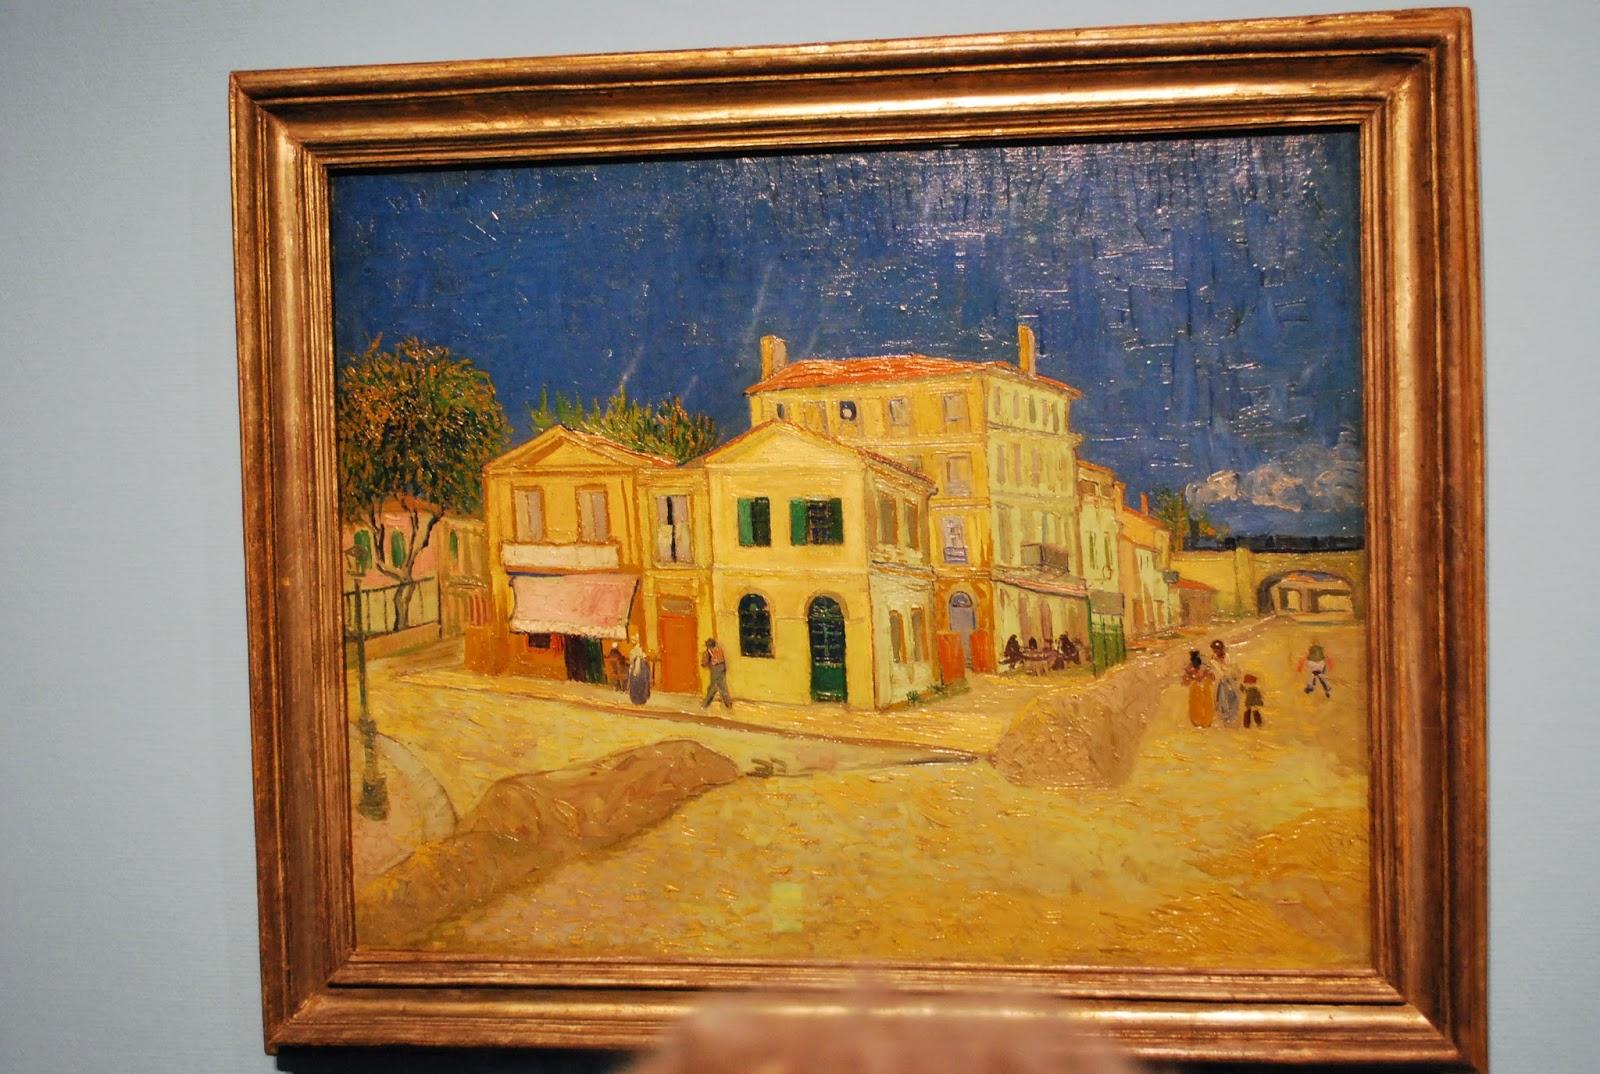 Peut-être débattait-on déjà d'inégalité dans ce café d'Arles peint par Van Gogh ?